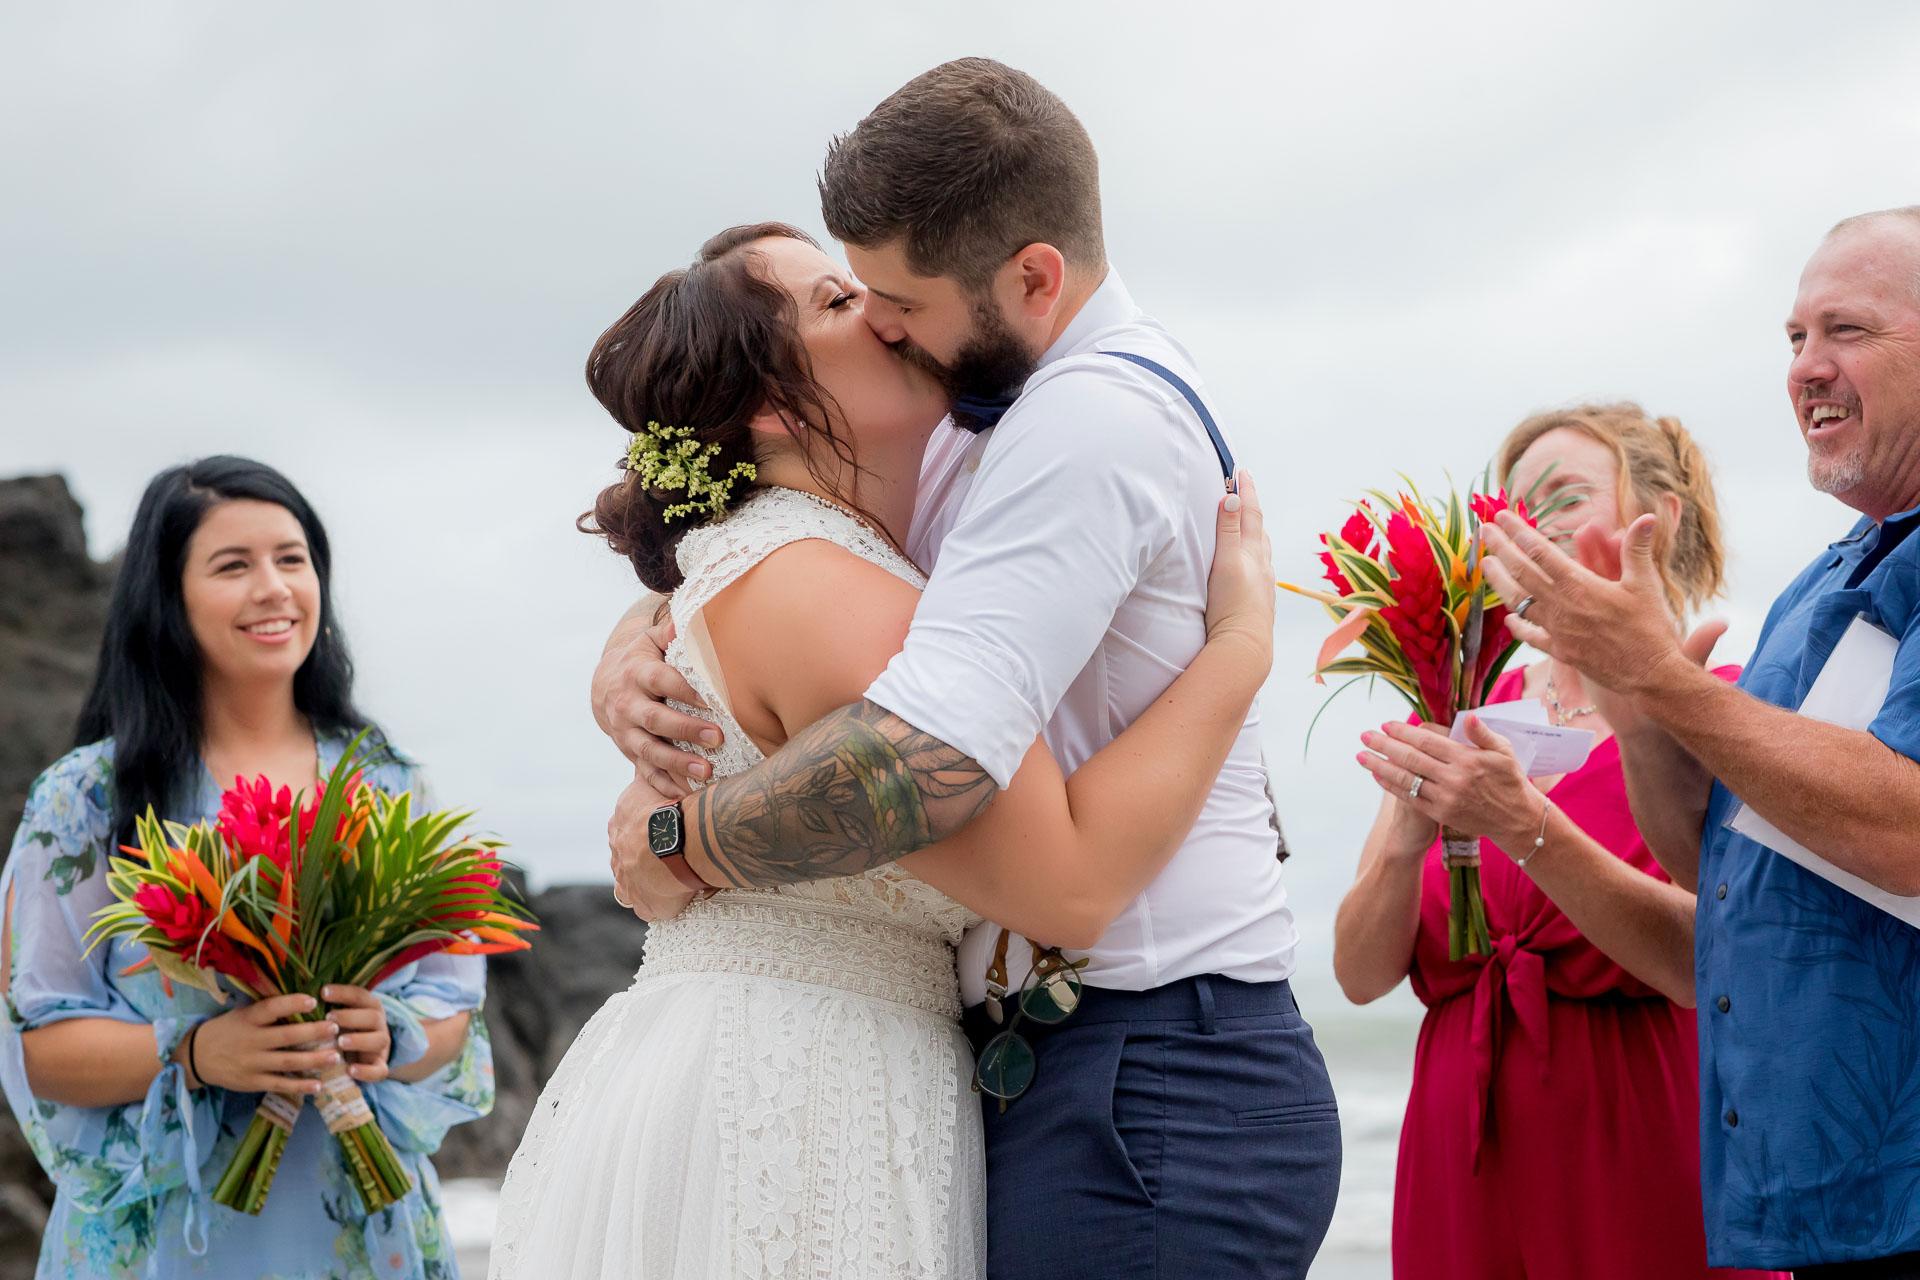 Cérémonie de la plage du Costa Rica Elopement Kiss Image   Premier baiser entouré de sa famille